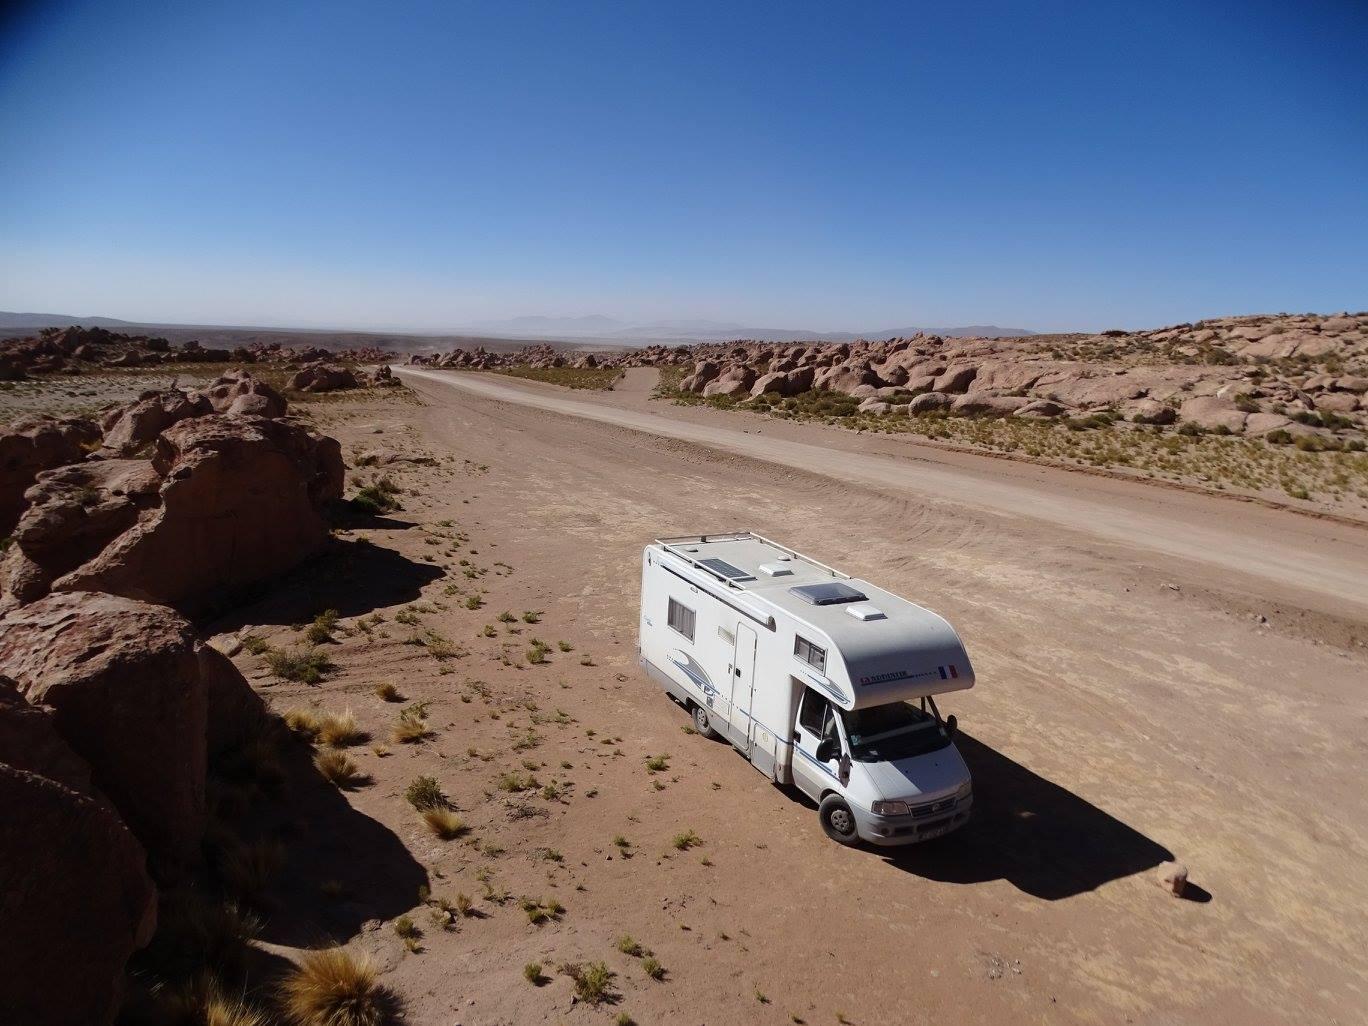 2ème camping-car : Adria 670 SK